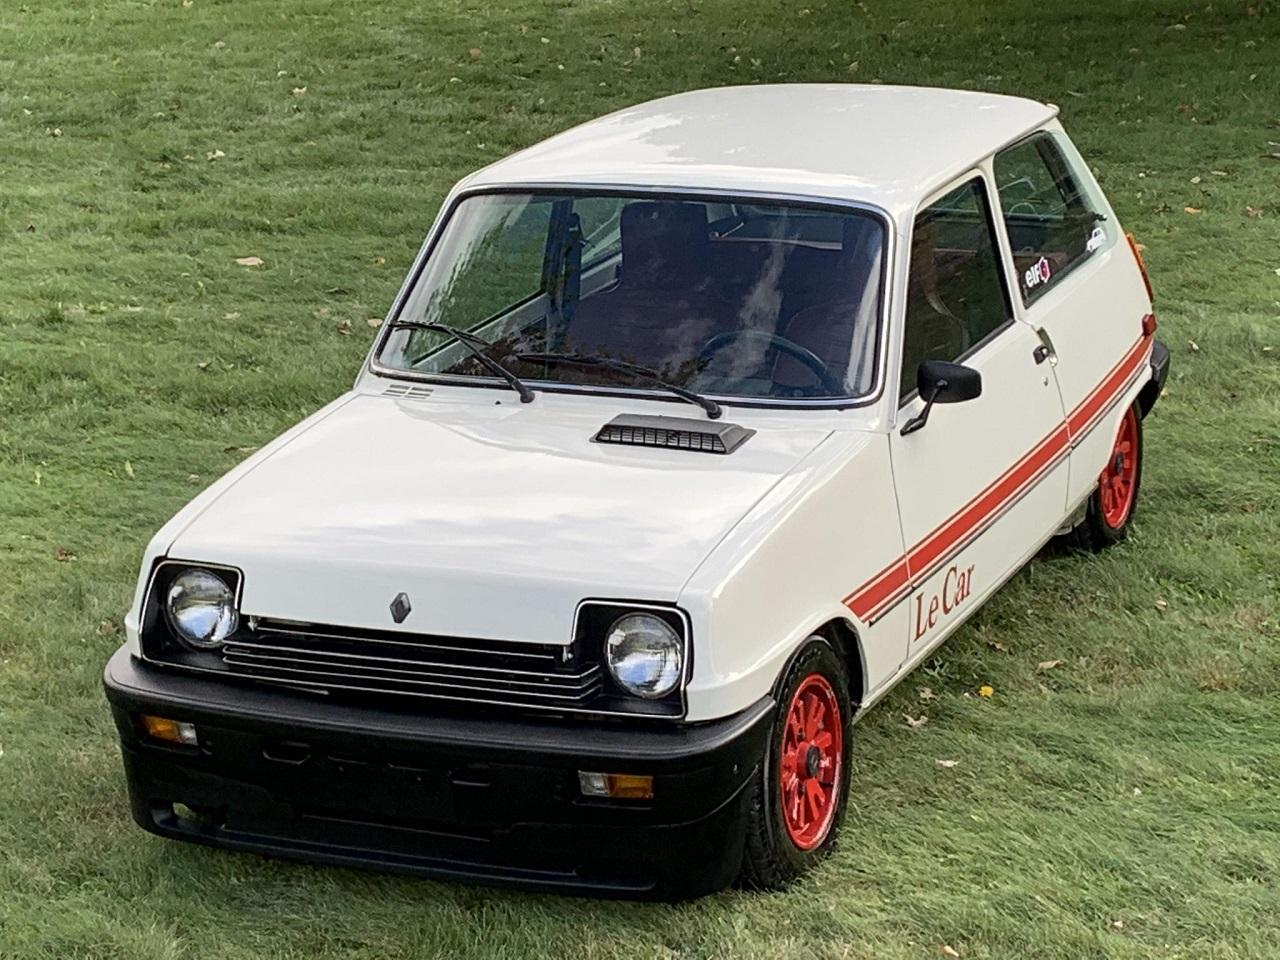 '79 Renault 5 Le Car - A la conquête de l'Amérique ! 5